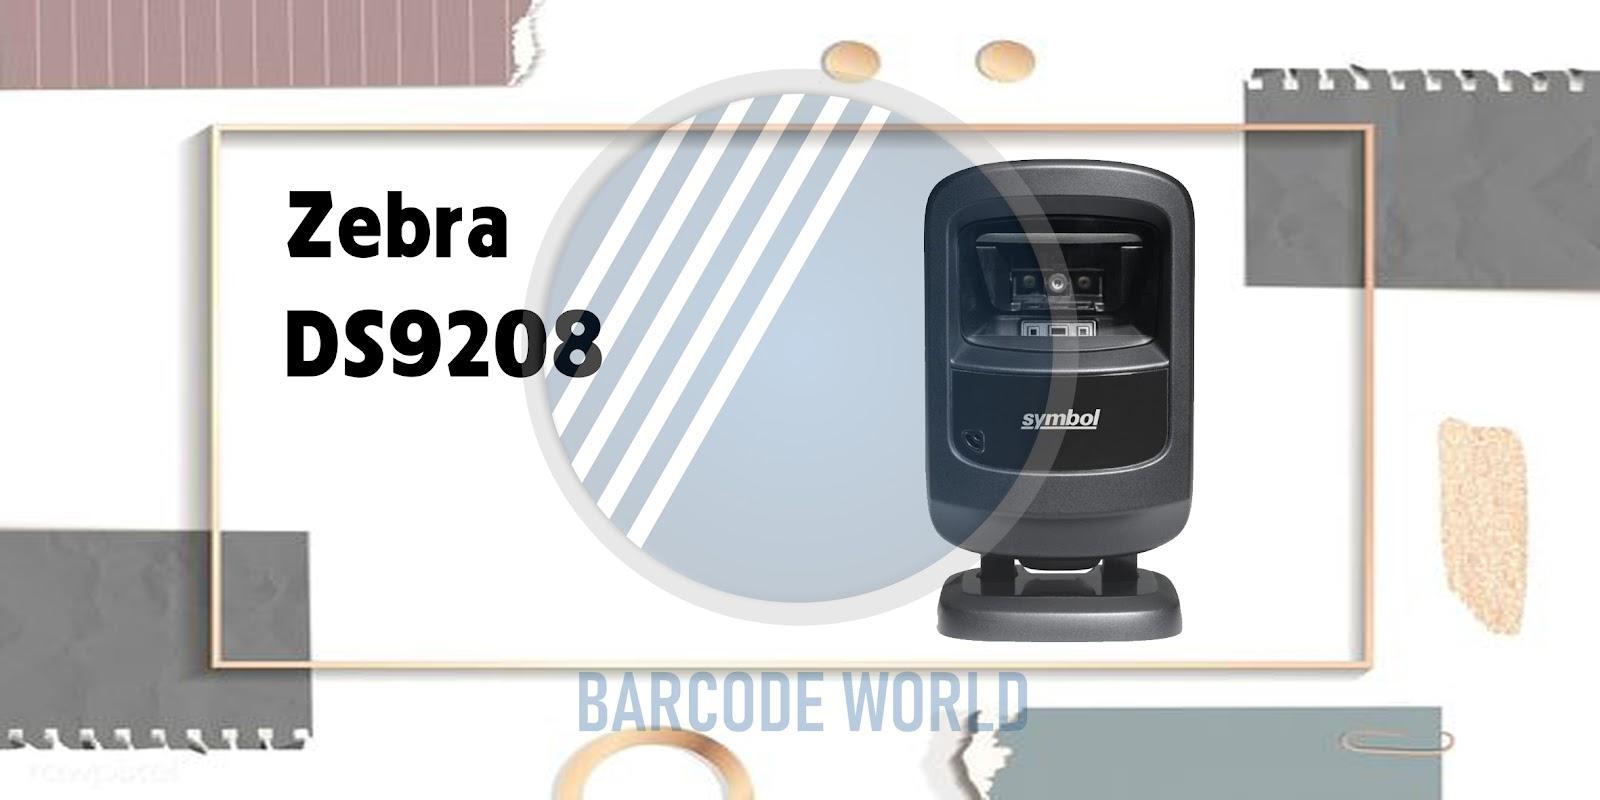 Máy quét barcode Zebra DS9208 phù hợp cho bệnh viện, y tế I Thế Giới Mã Vạch